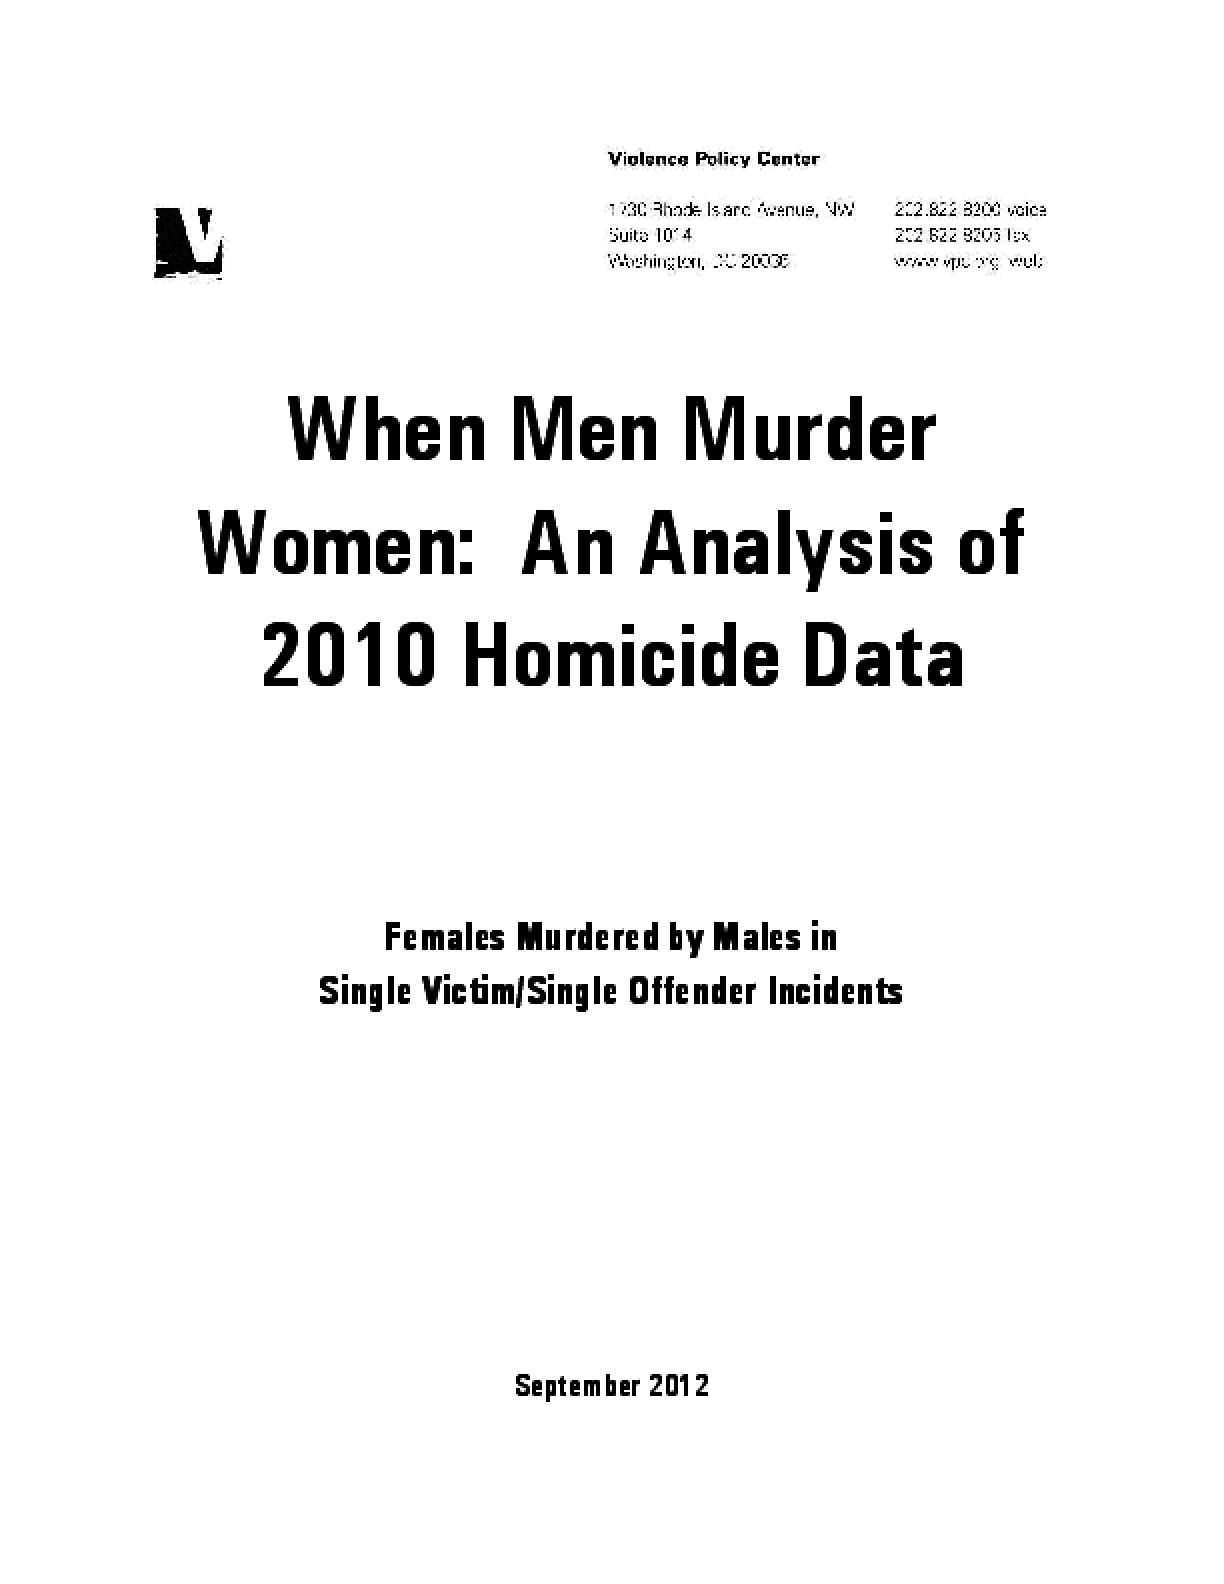 When Men Murder Women: An Analysis of 2010 Homicide Data